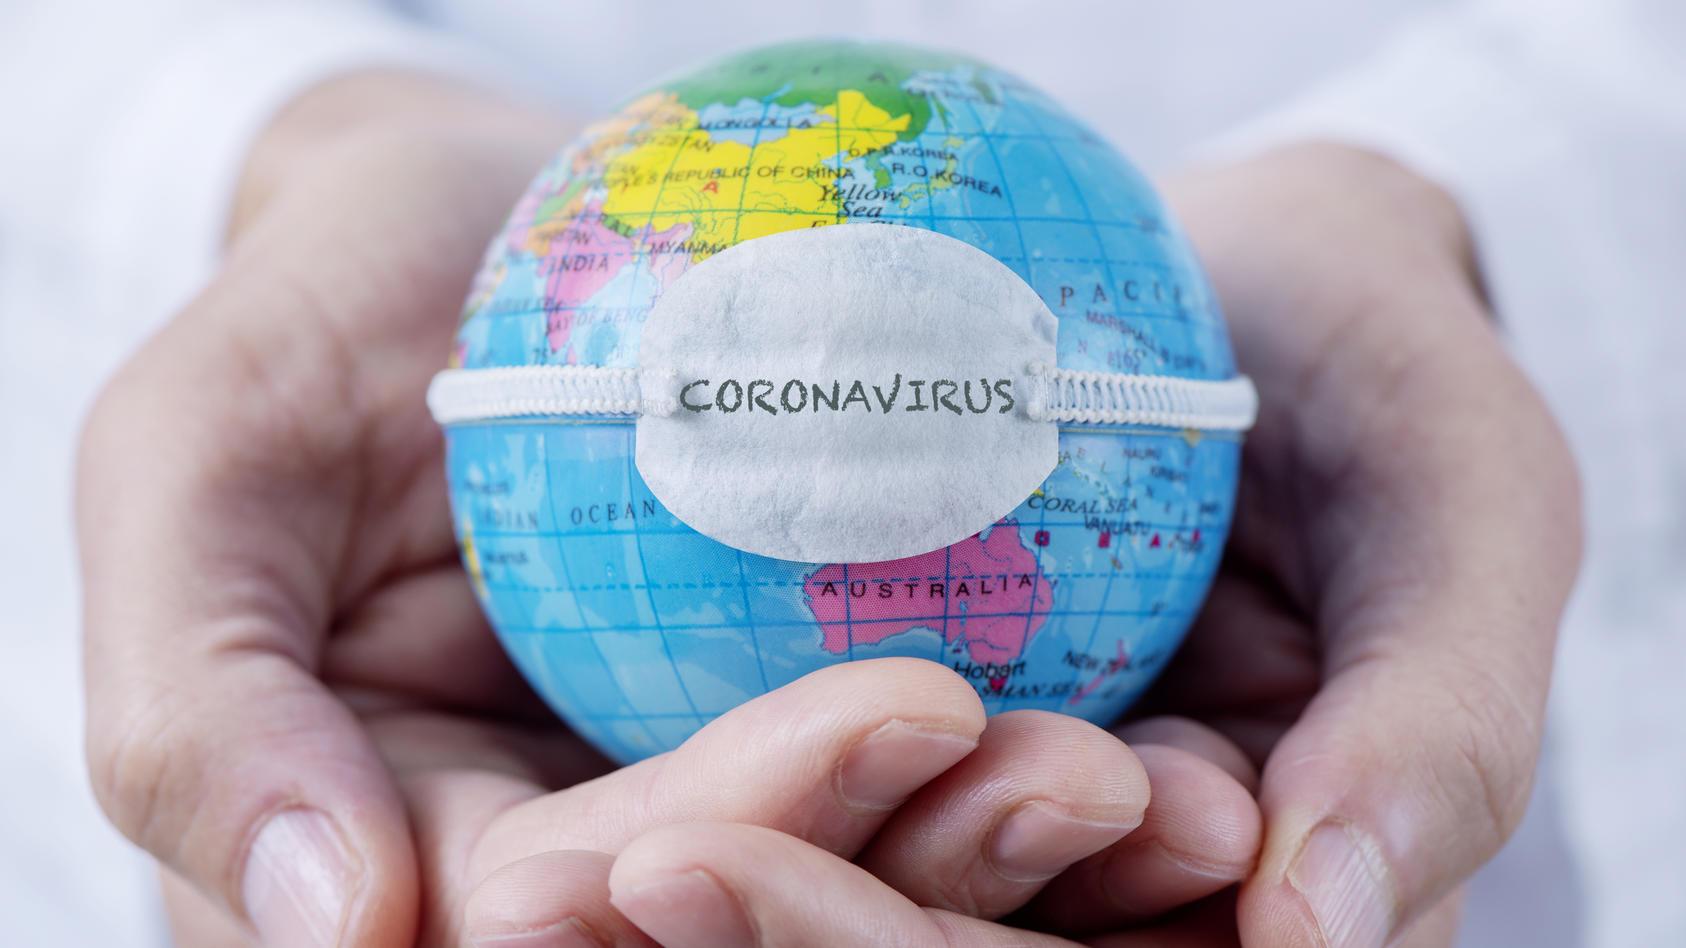 Das Coronavirus hat die ganze Welt im Griff. Welche Länder besonders stark betroffen sind, zeigt unsere interaktive Grafik.